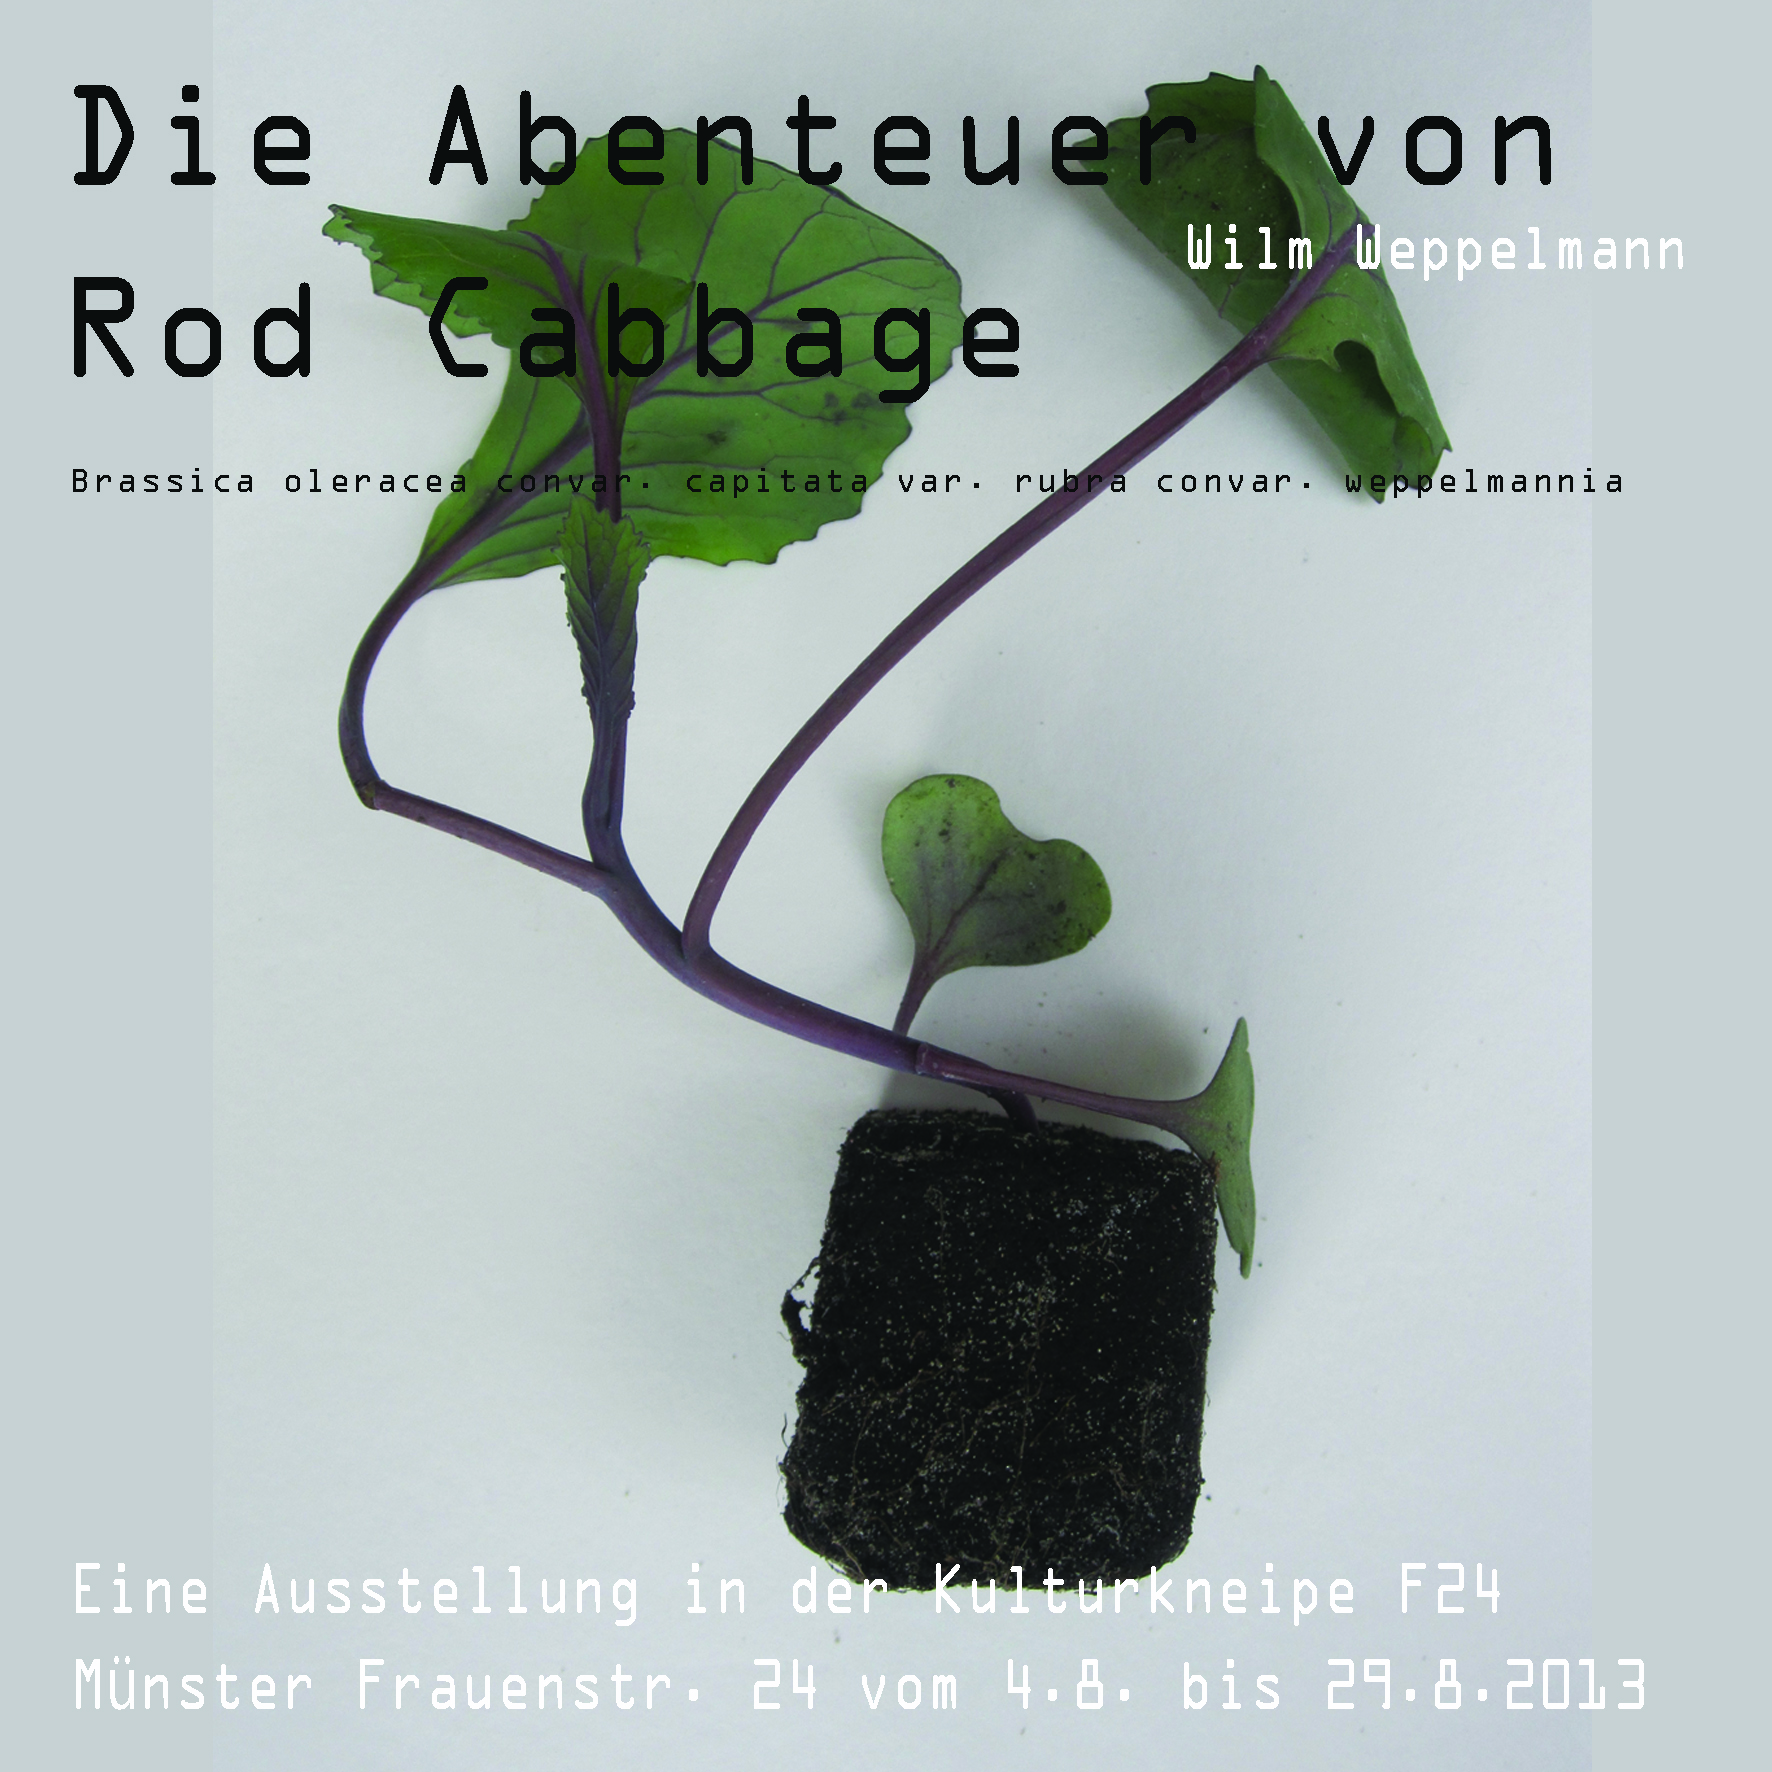 """""""Die Abenteuer von Rod Cabbage II"""" Ausstellung Wilm Weppelmann"""